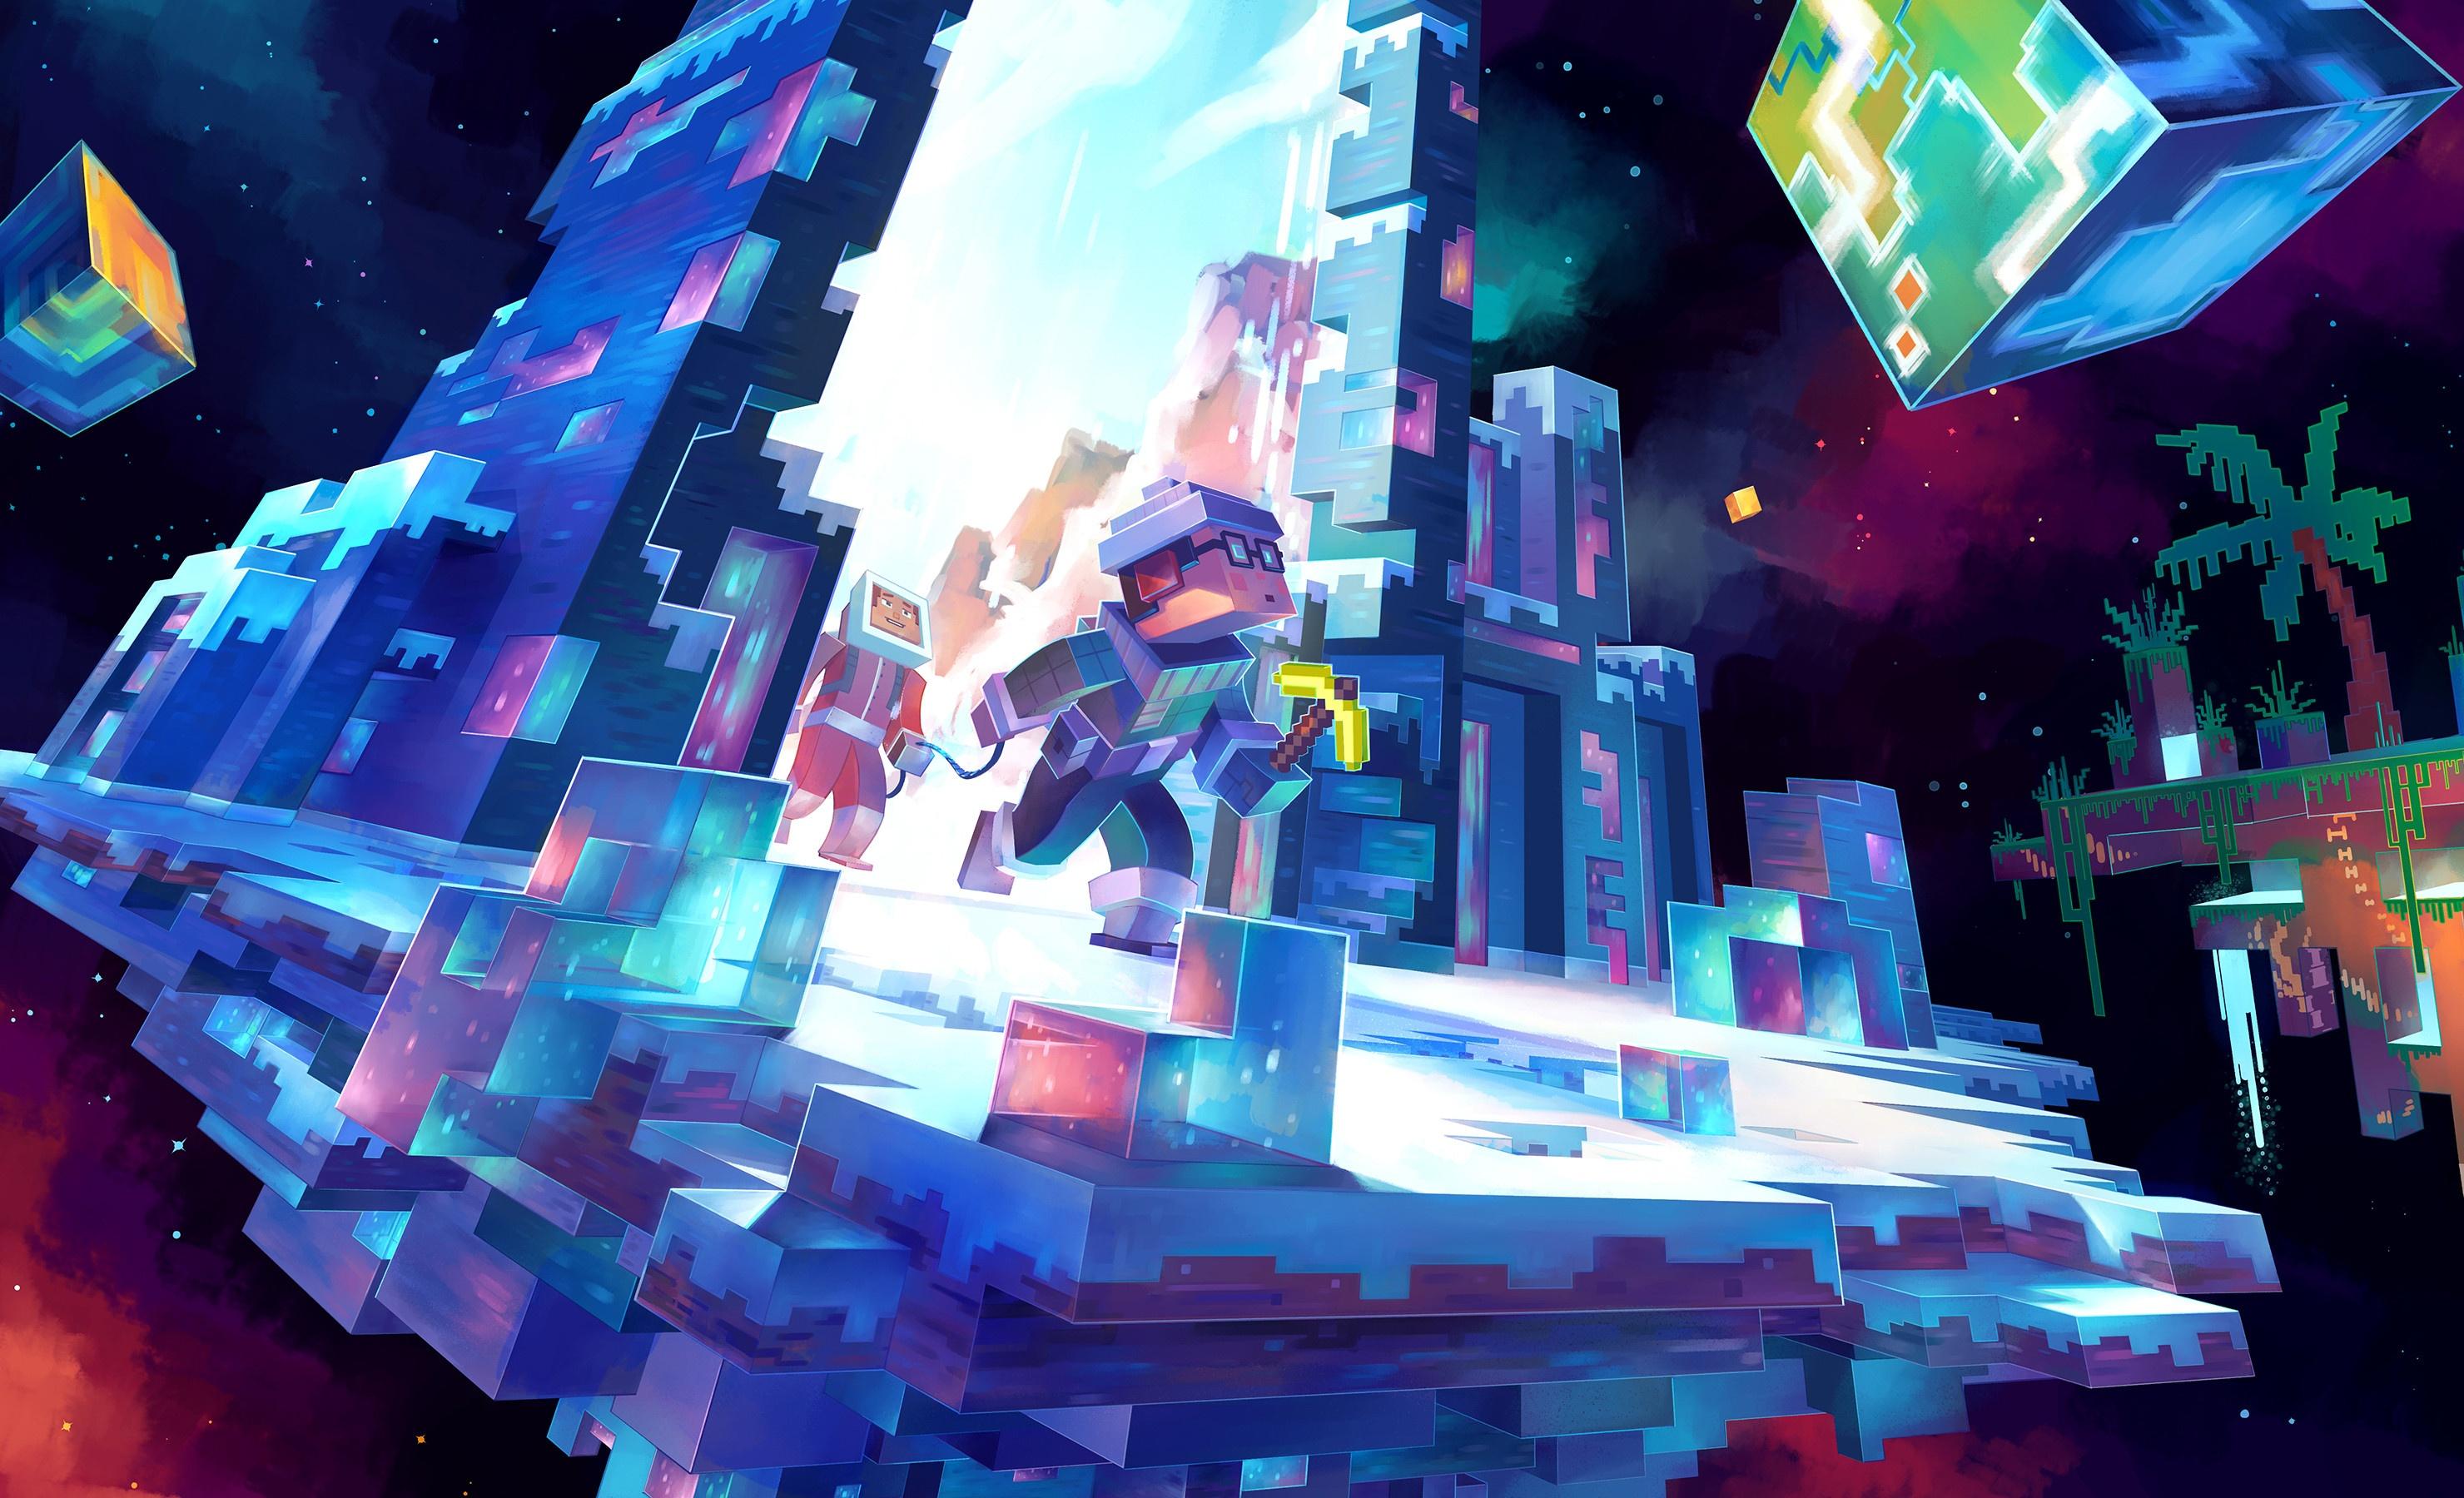 Minecraft background picture